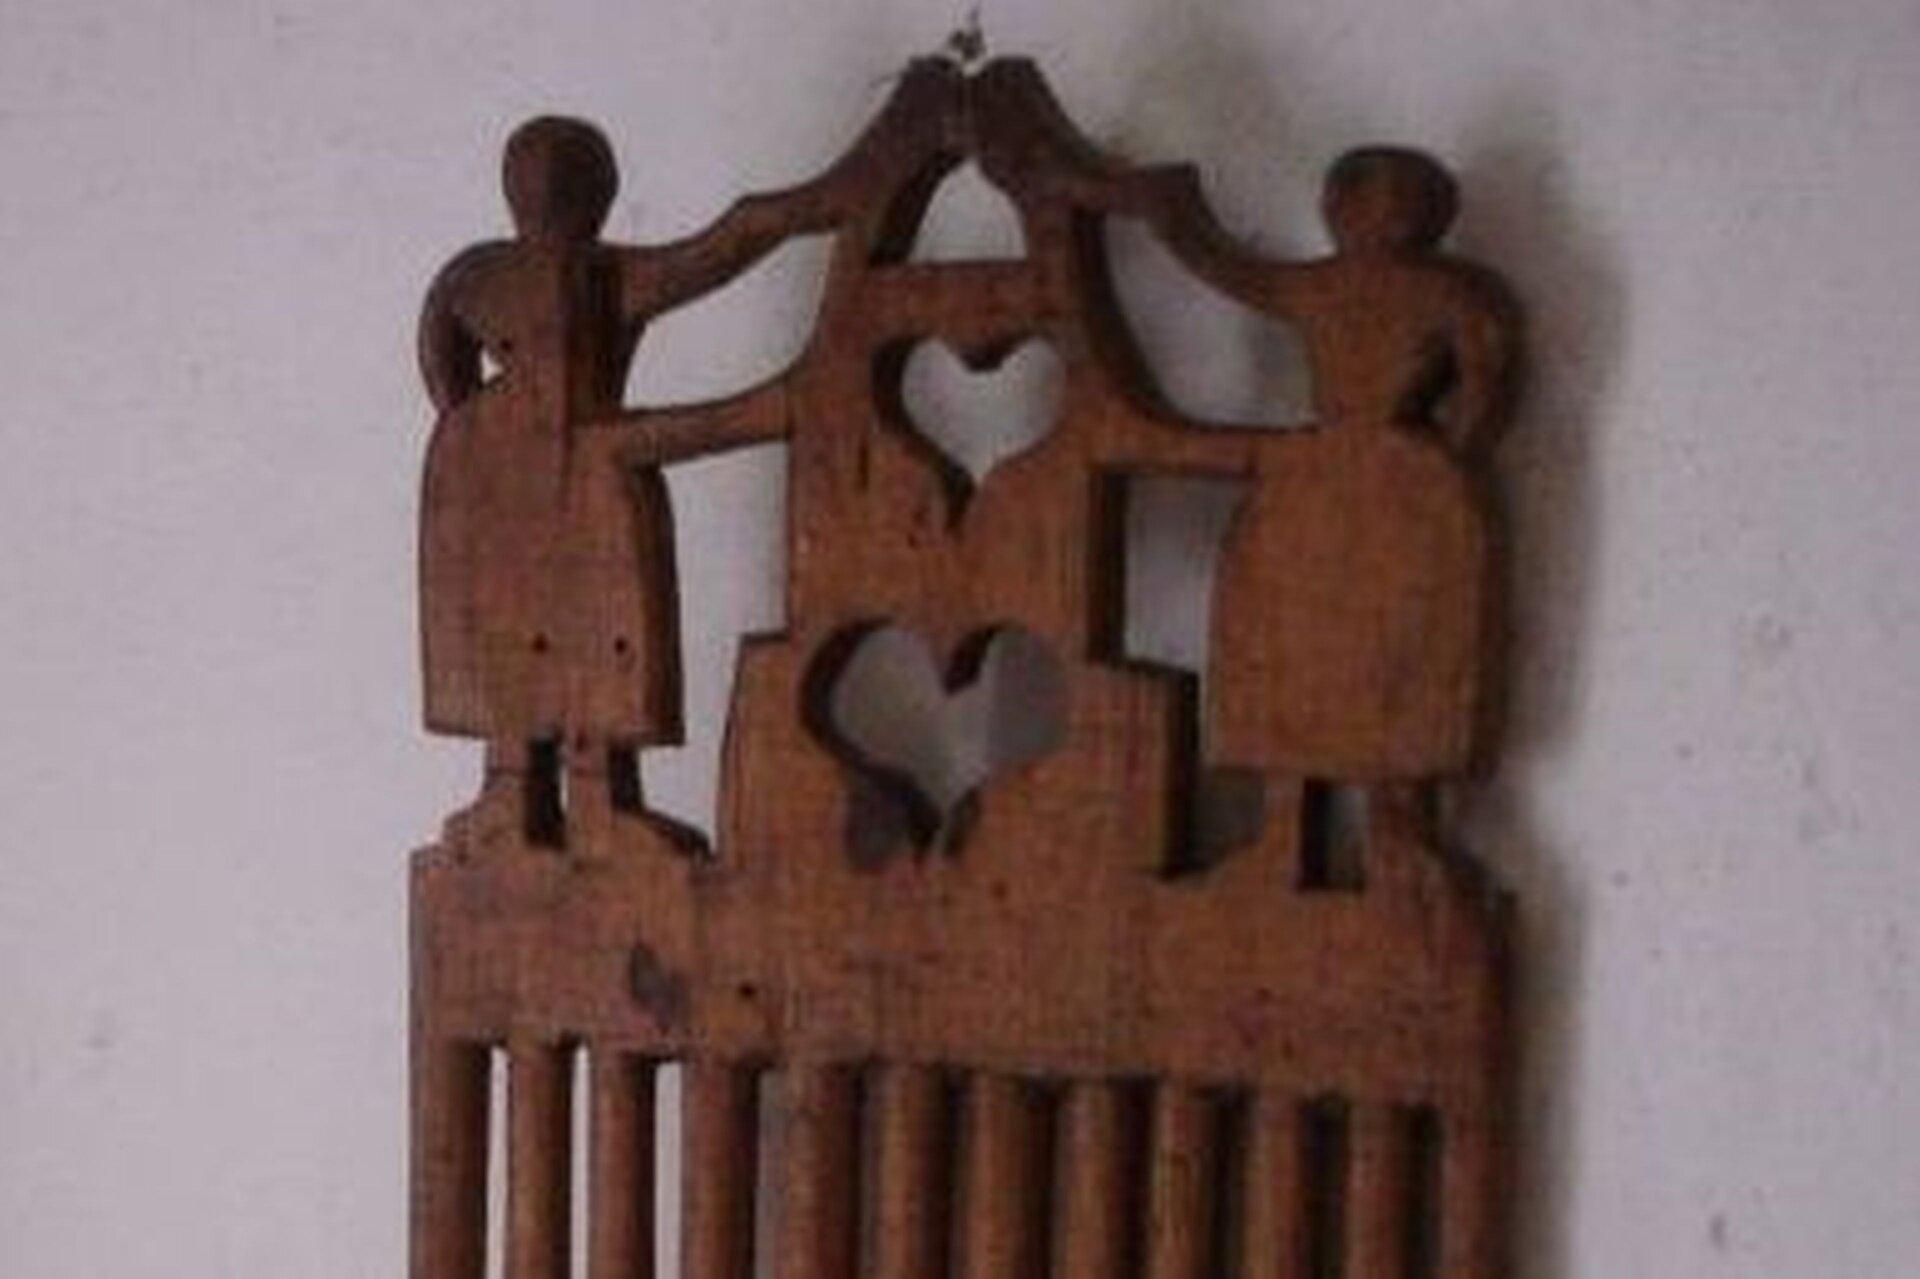 Ilustracja przedstawia zdobioną drewnianym ornamentem deskę do tkania. Rzeźby to postacie dwóch kobiet między którymi są dwa serca umieszczone jedno pod drugim.